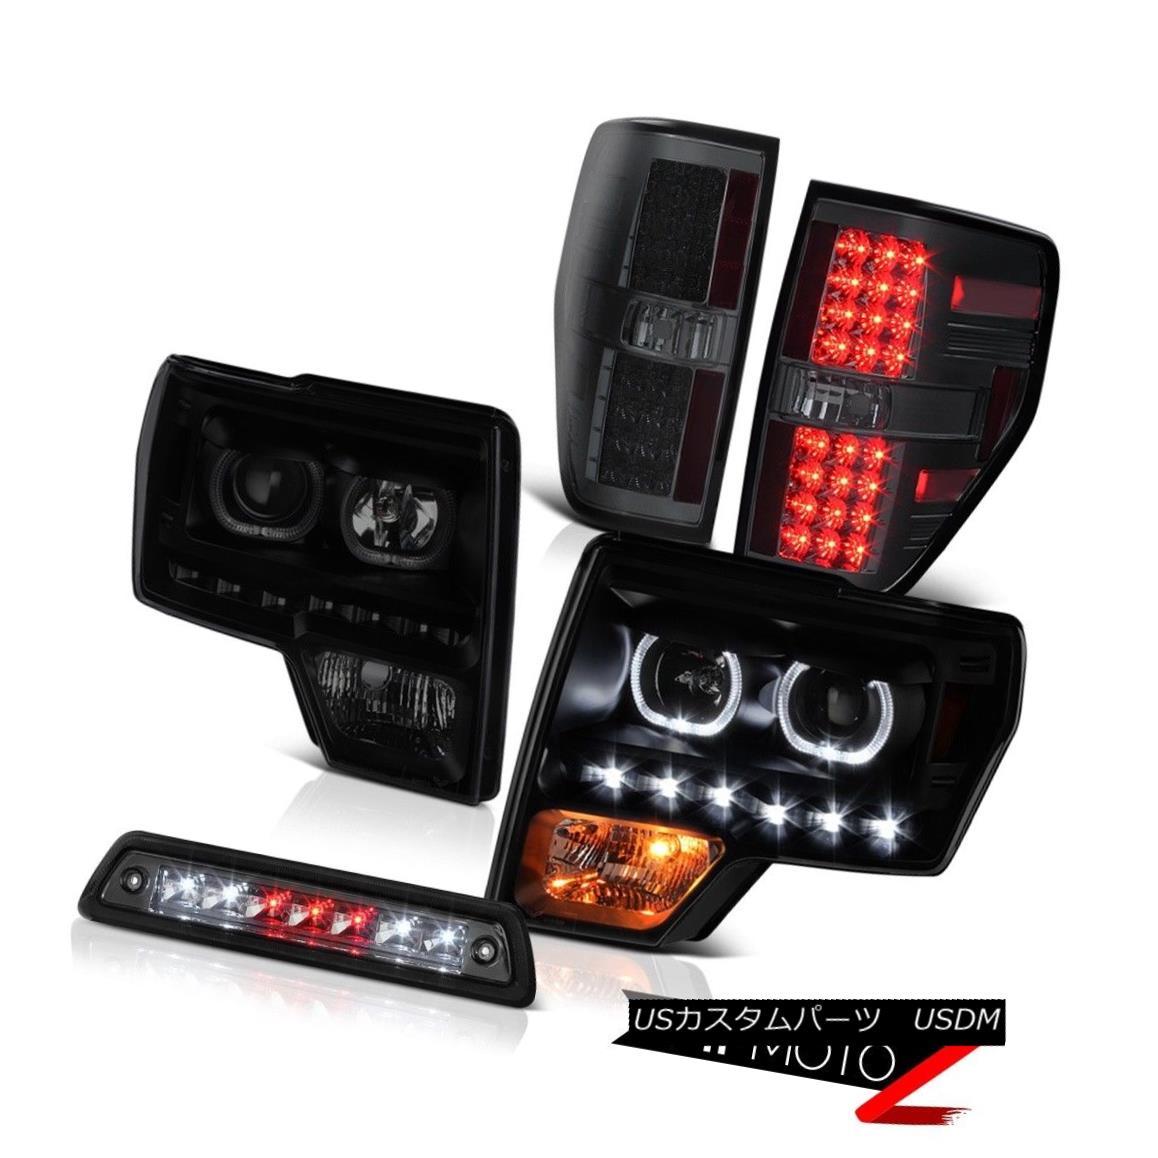 テールライト 2009-2014 FORD 150 5.4L Roof brake light taillights headlights